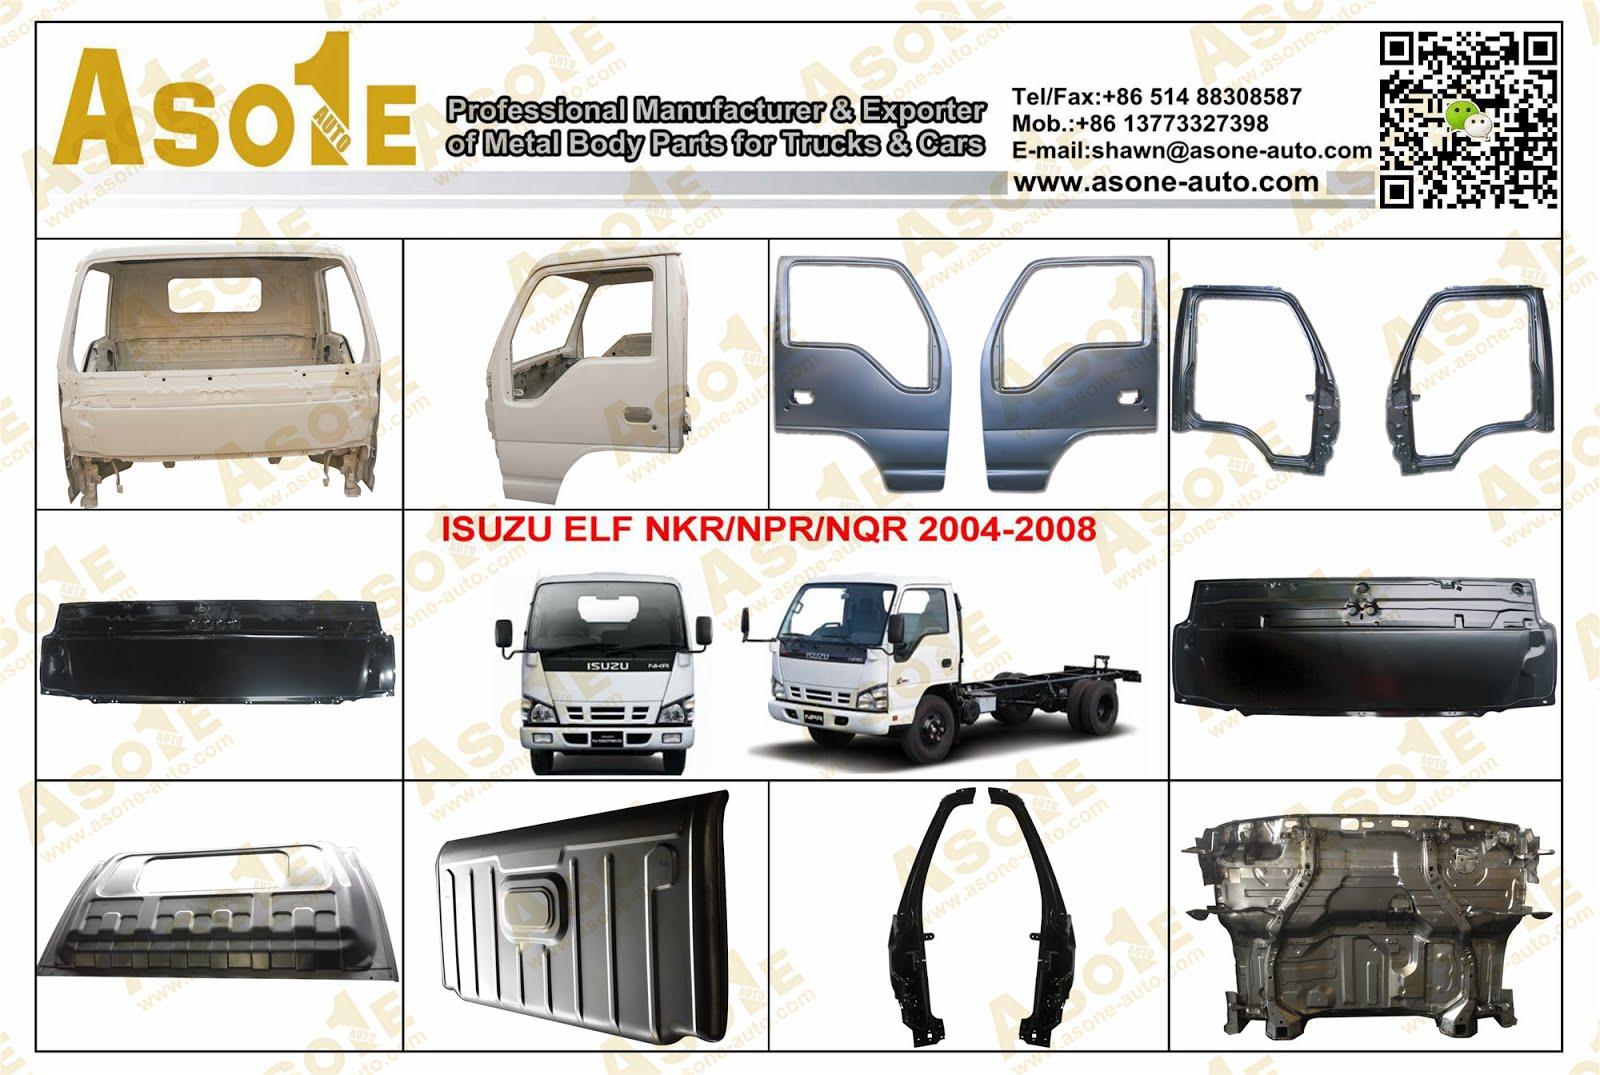 Aftermarket body parts/metal sheet parts/door,trunk lid,fender,roof